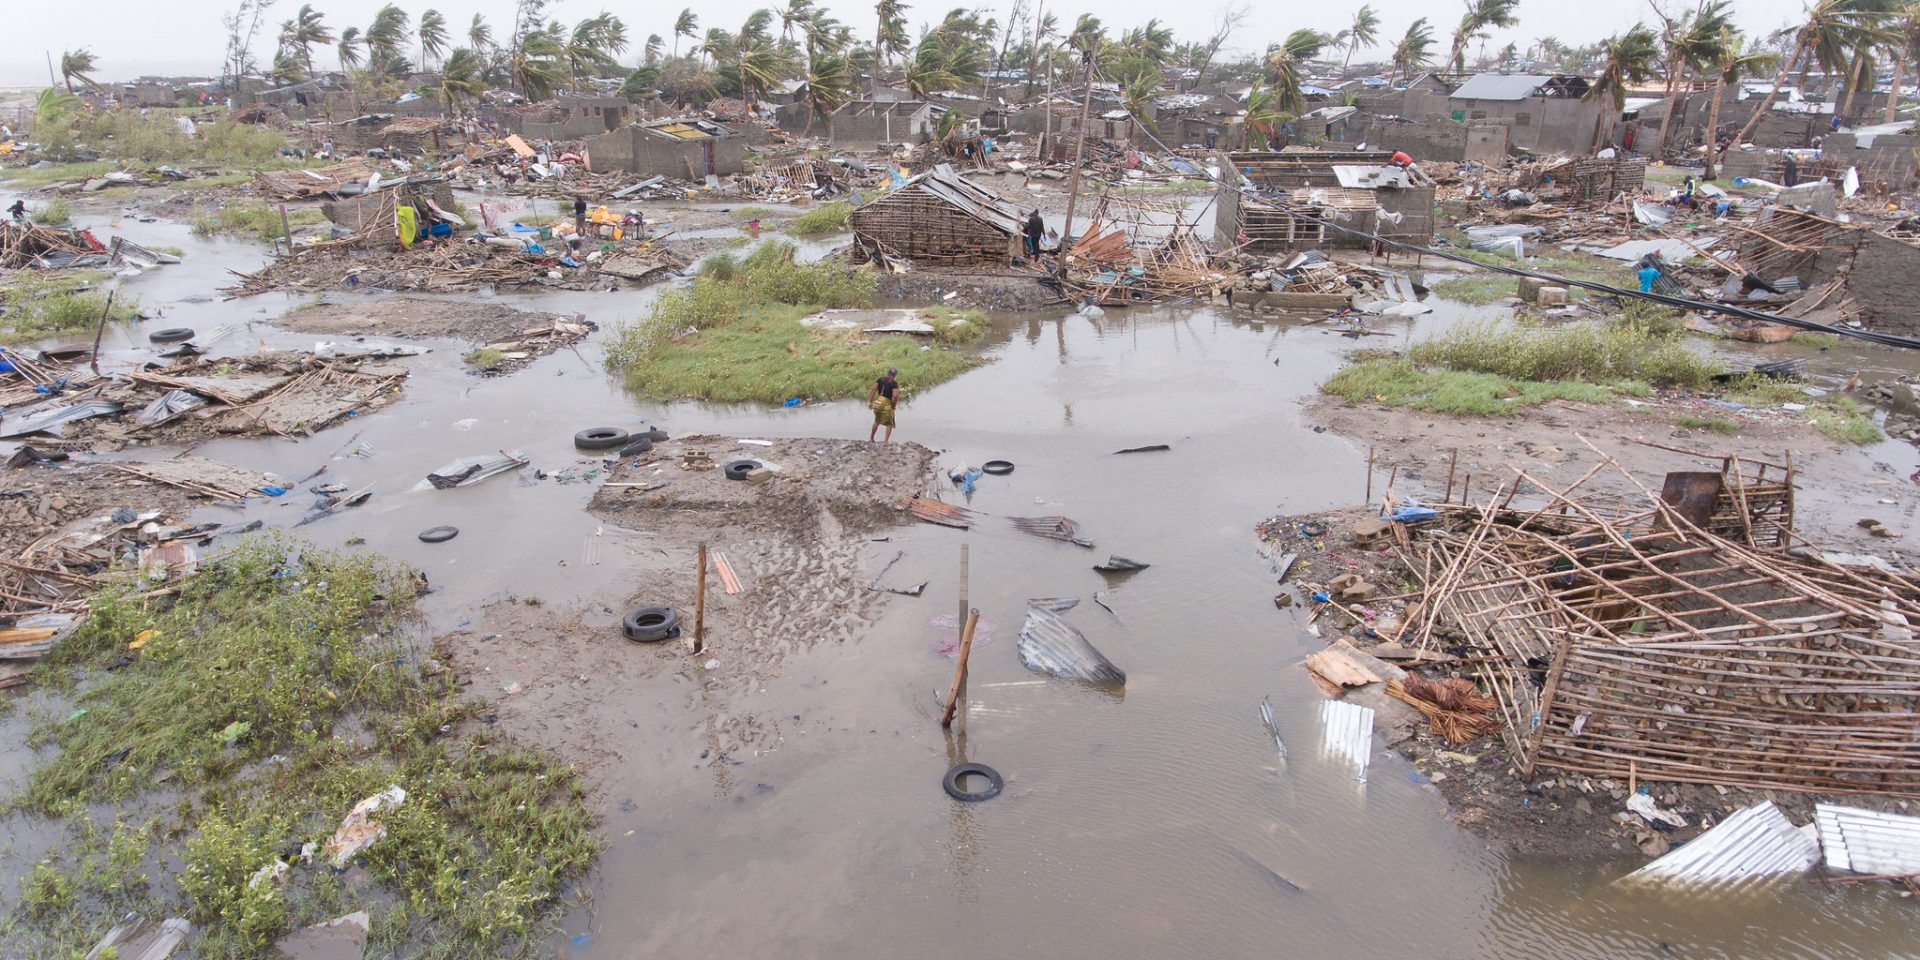 Förstörelsens efter den tropiska stormen Idai i Moçambique tidigare i år.